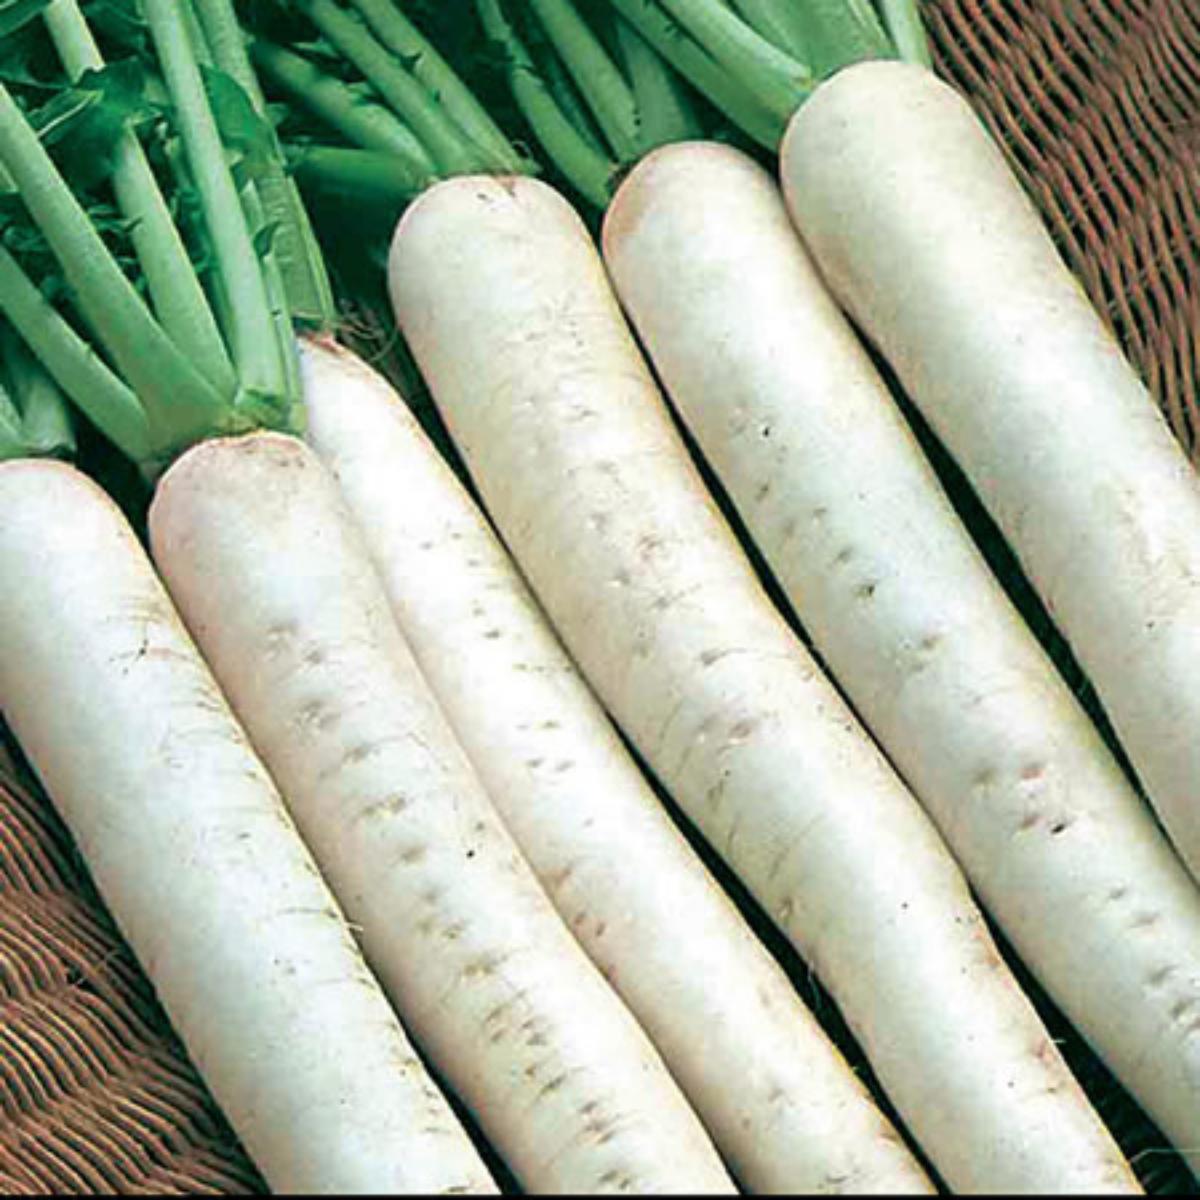 Mooli F1 - April Cross - Japanese radish seeds